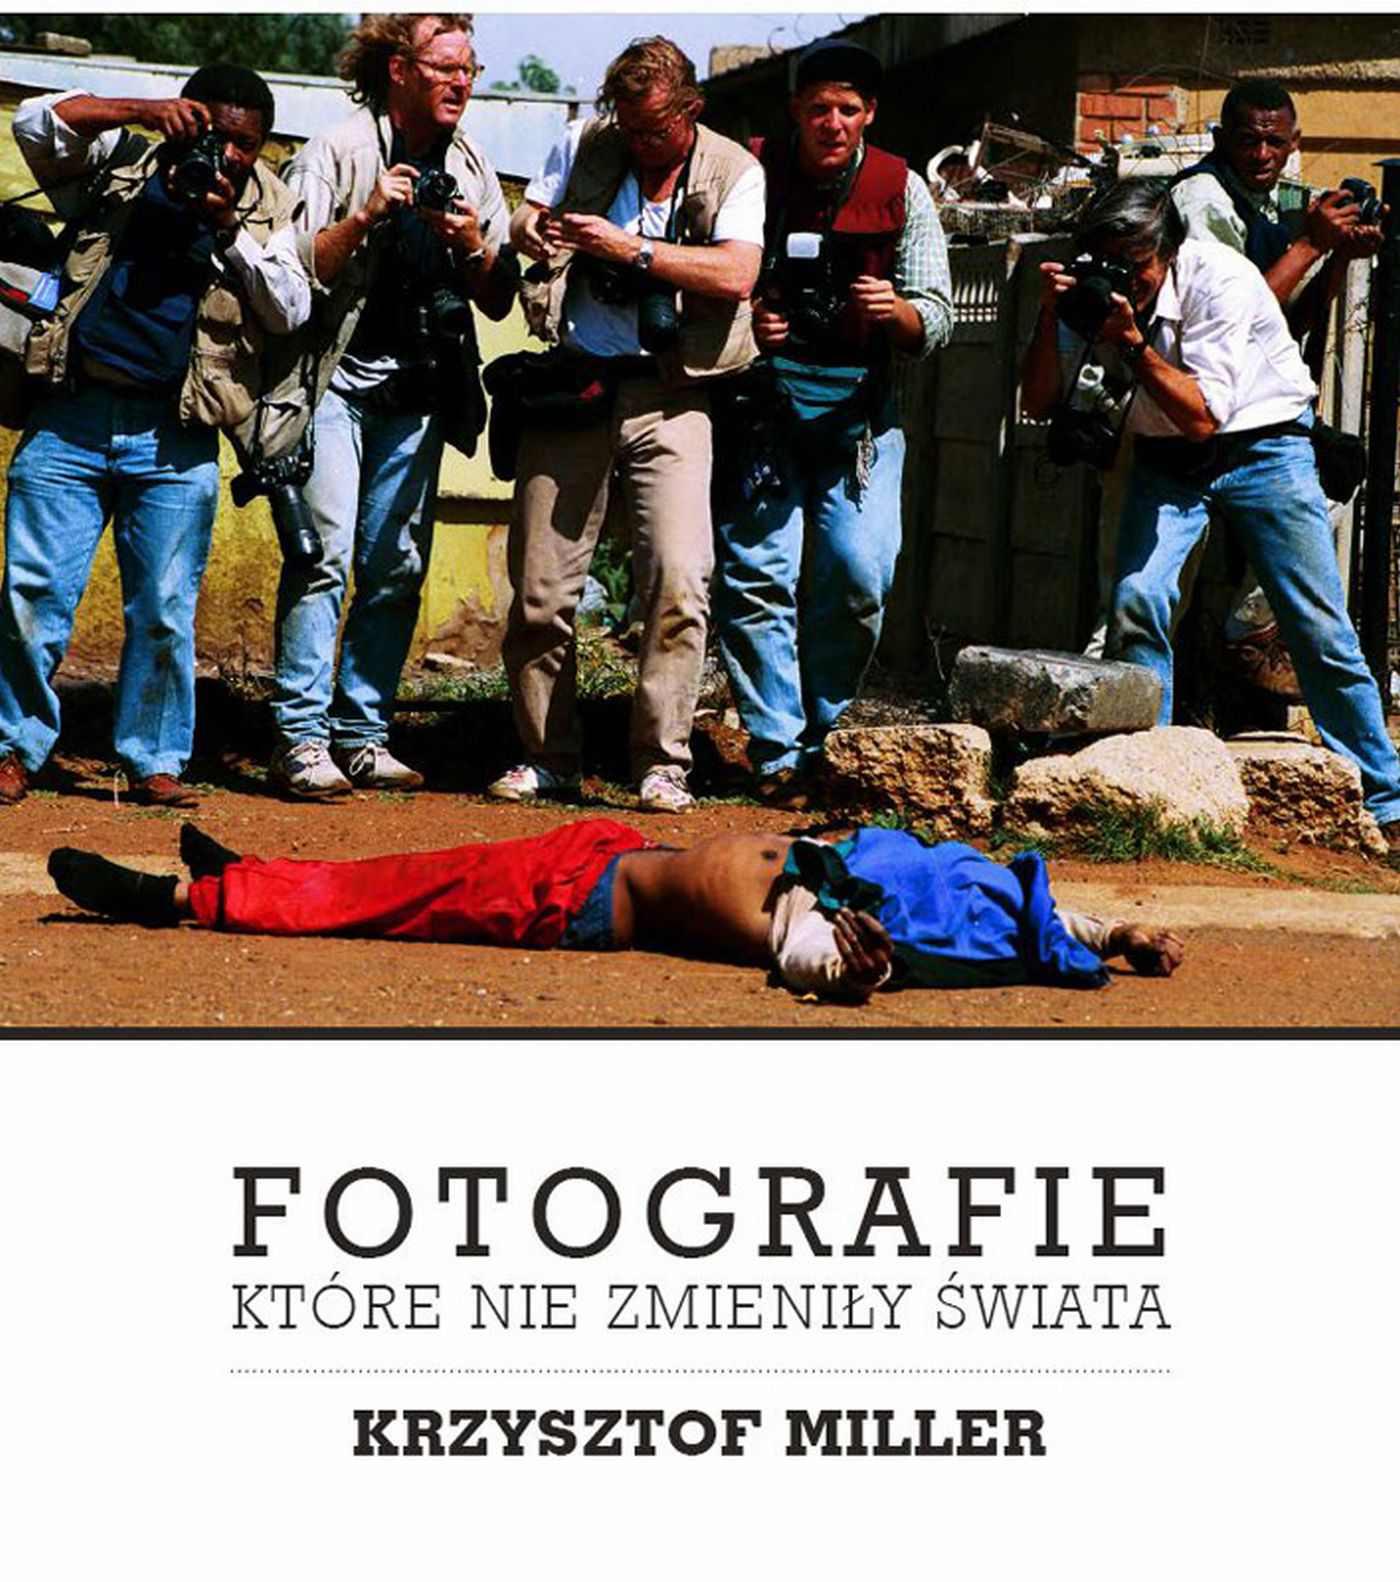 Fotografie, które nie zmieniły świata - Ebook (Książka na Kindle) do pobrania w formacie MOBI